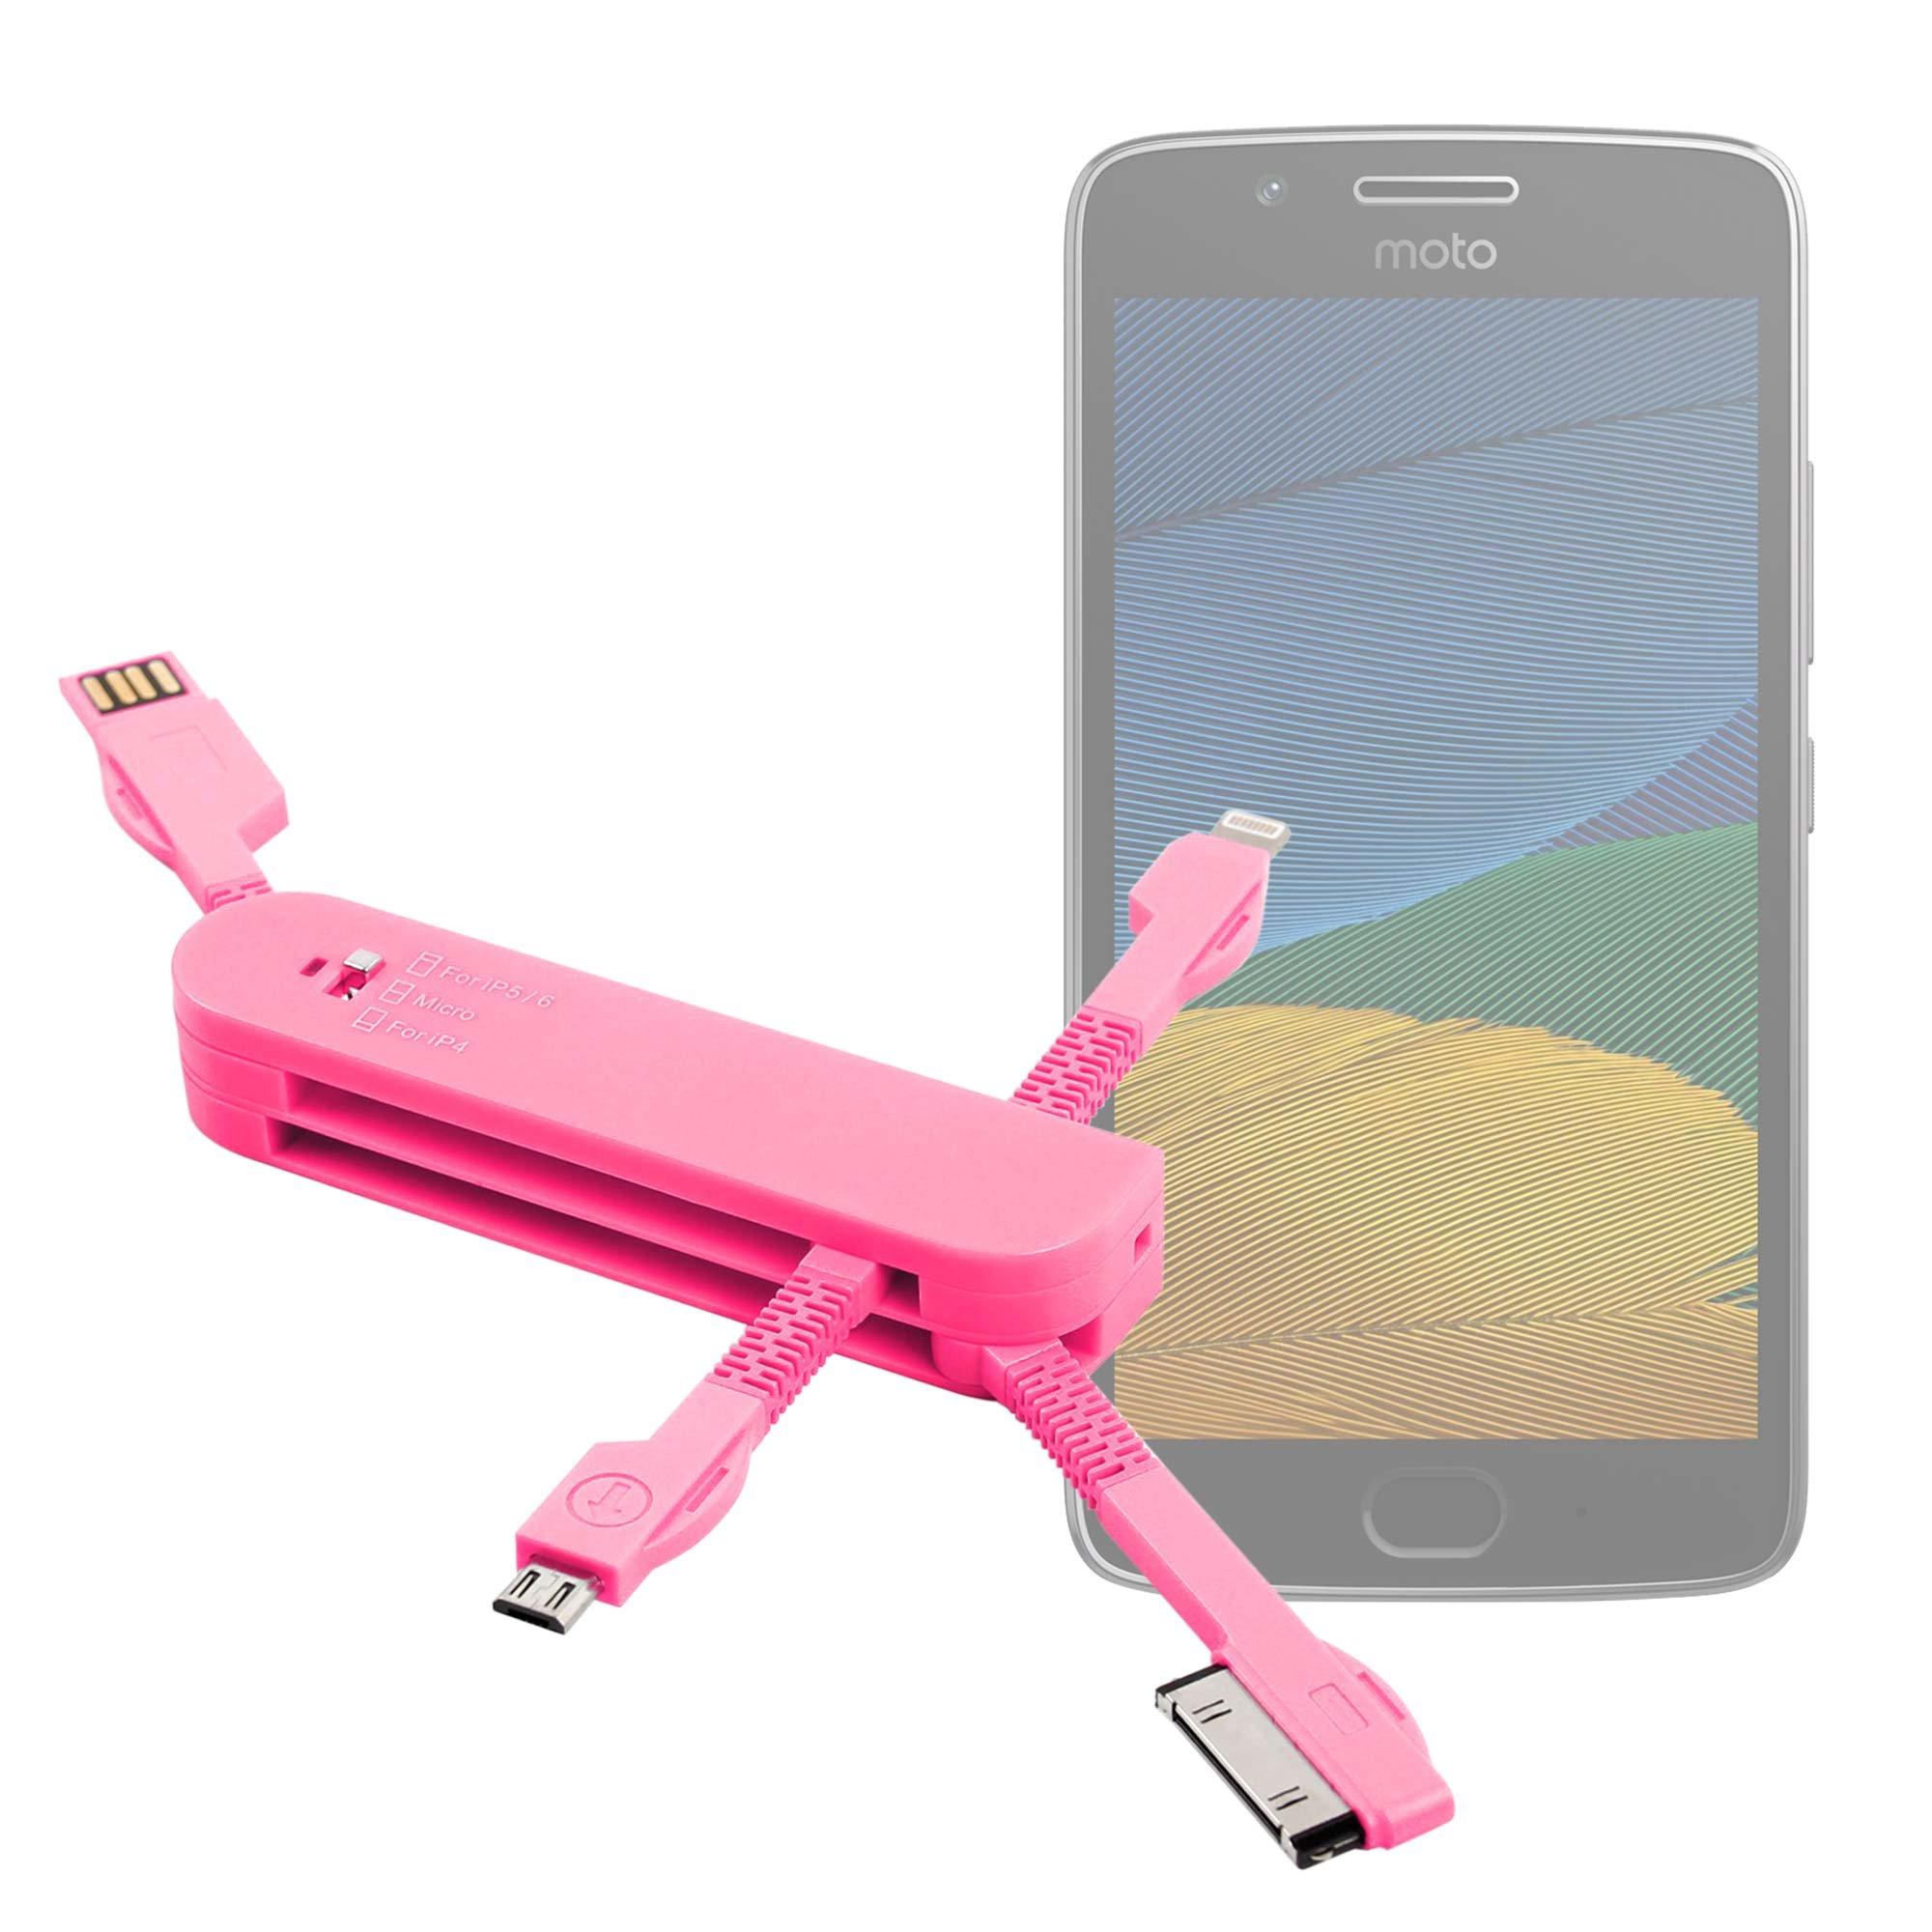 DURAGADGET Multi-Cargador Rosa para Smartphone Lenovo/Motorola Moto E3 (3rd gen/2016), Lenovo/Motorola Moto G5 Plus   Vernee Thor 4G: Amazon.es: Electrónica